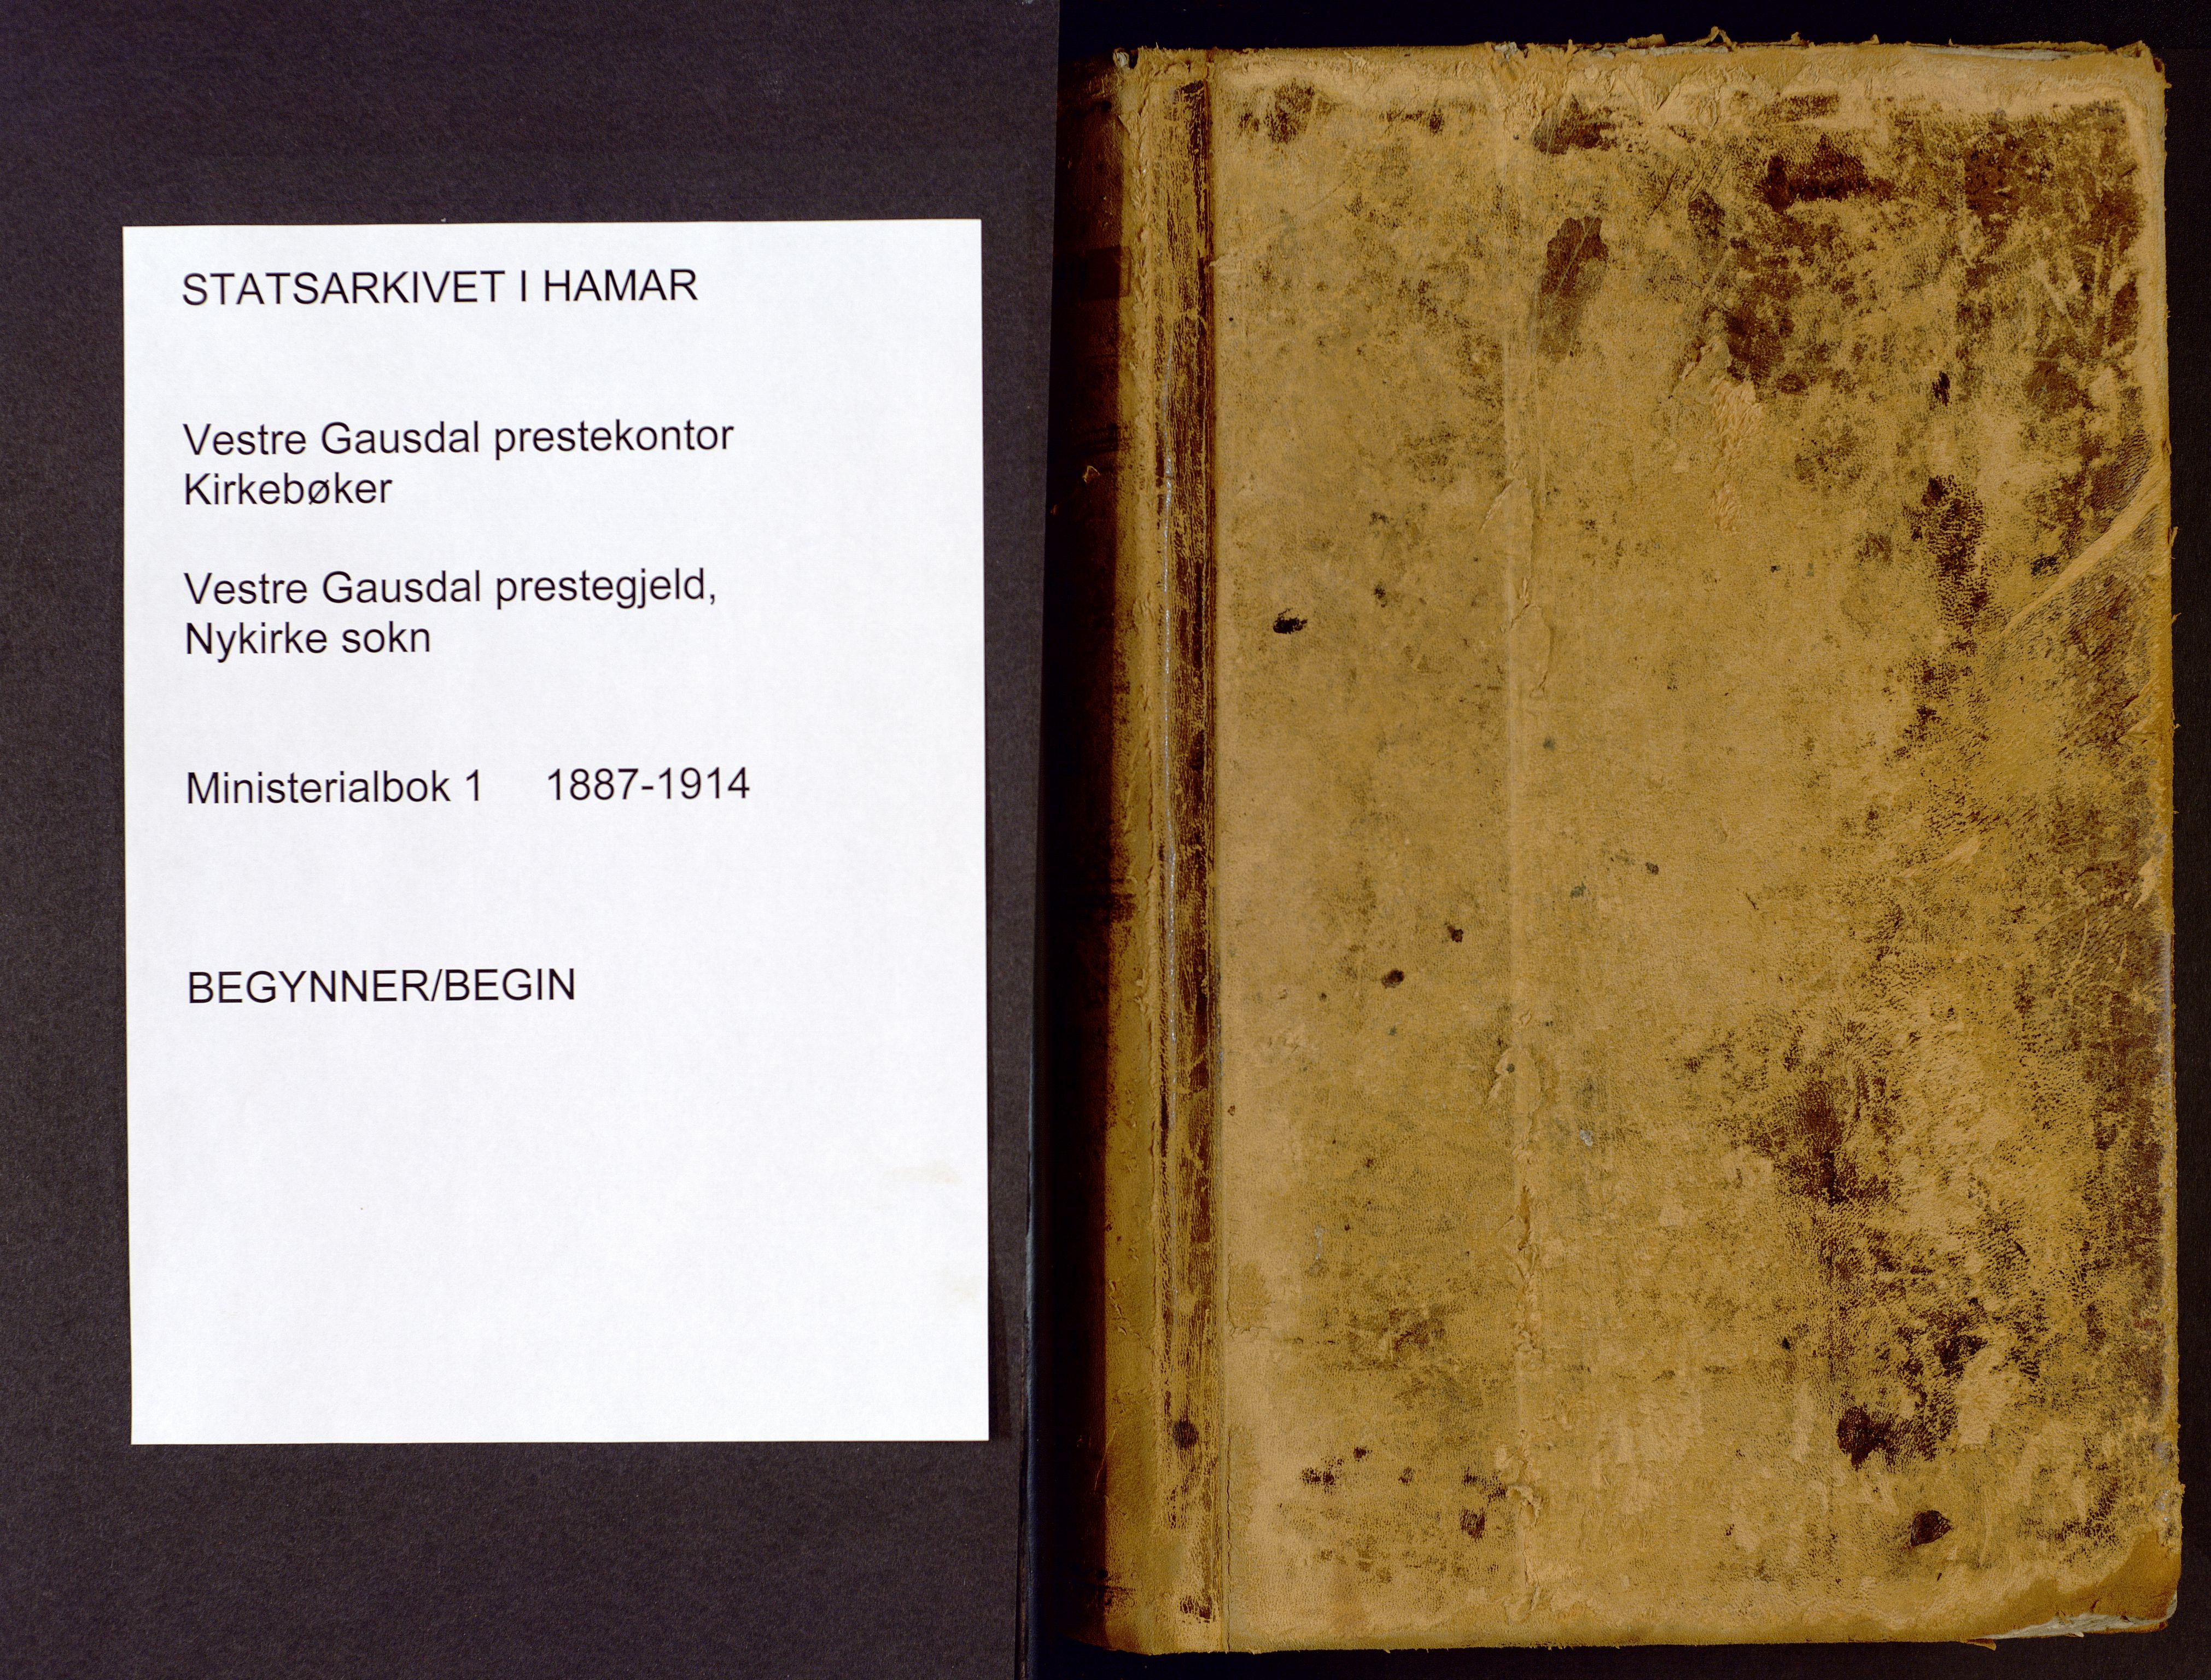 SAH, Vestre Gausdal prestekontor, Parish register (official) no. 1, 1887-1914